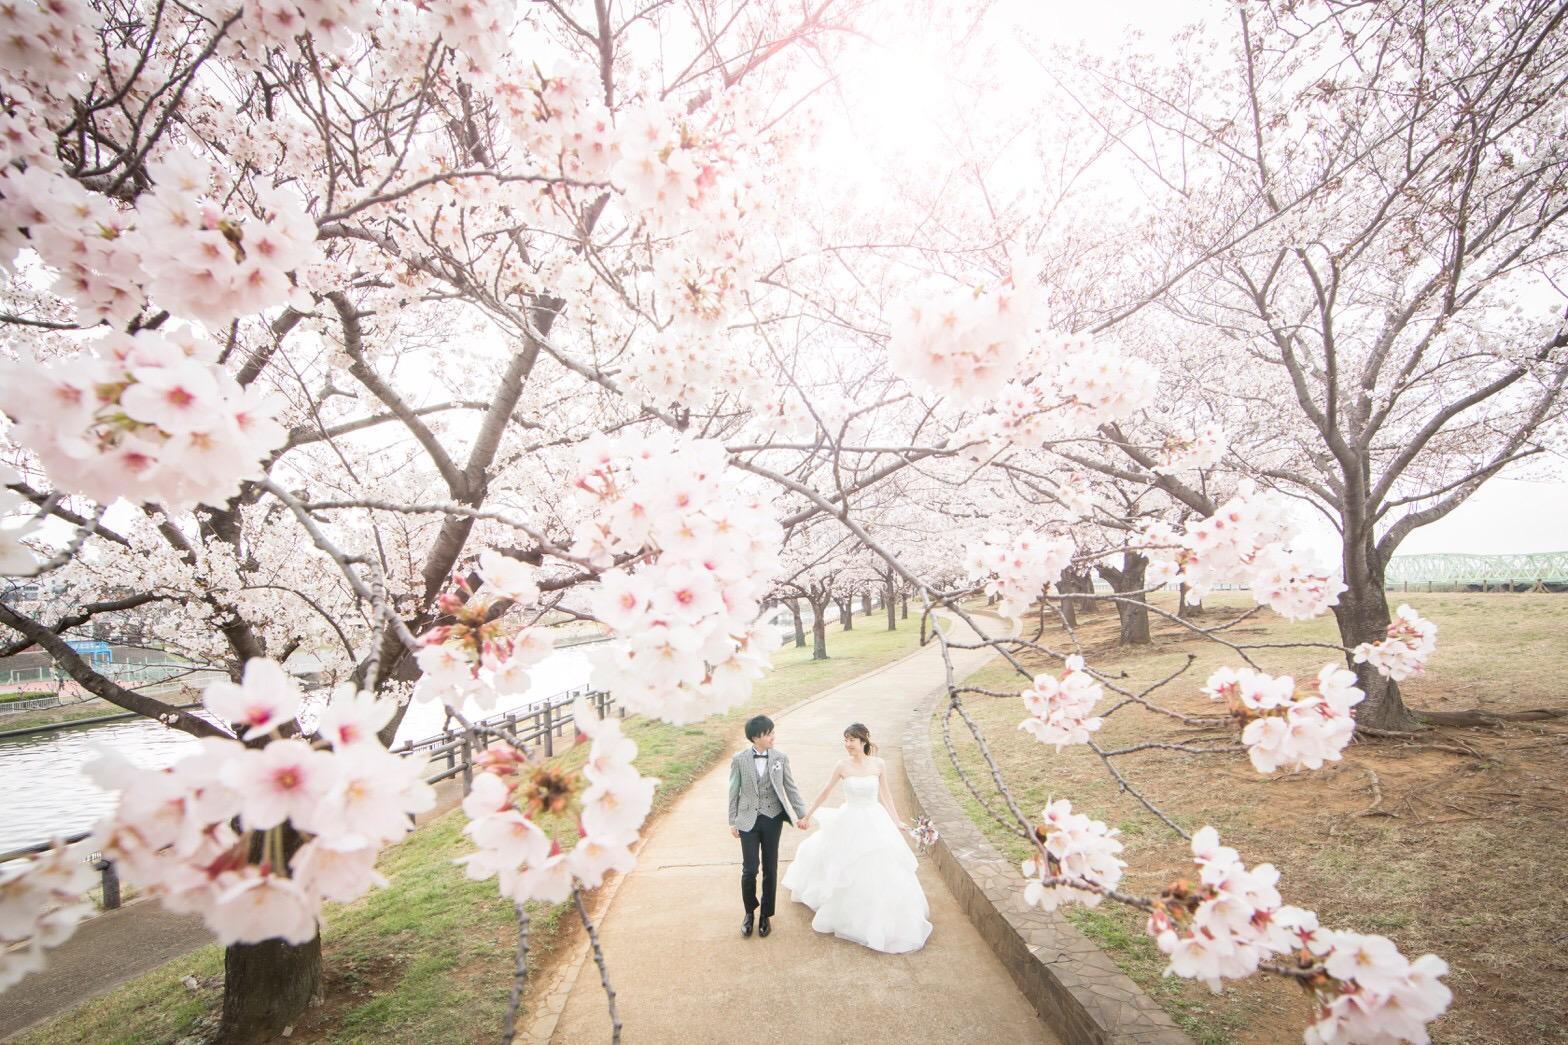 【桜ウェディング】桜満開の素敵なウェディングフォトを撮って頂きました♡_5